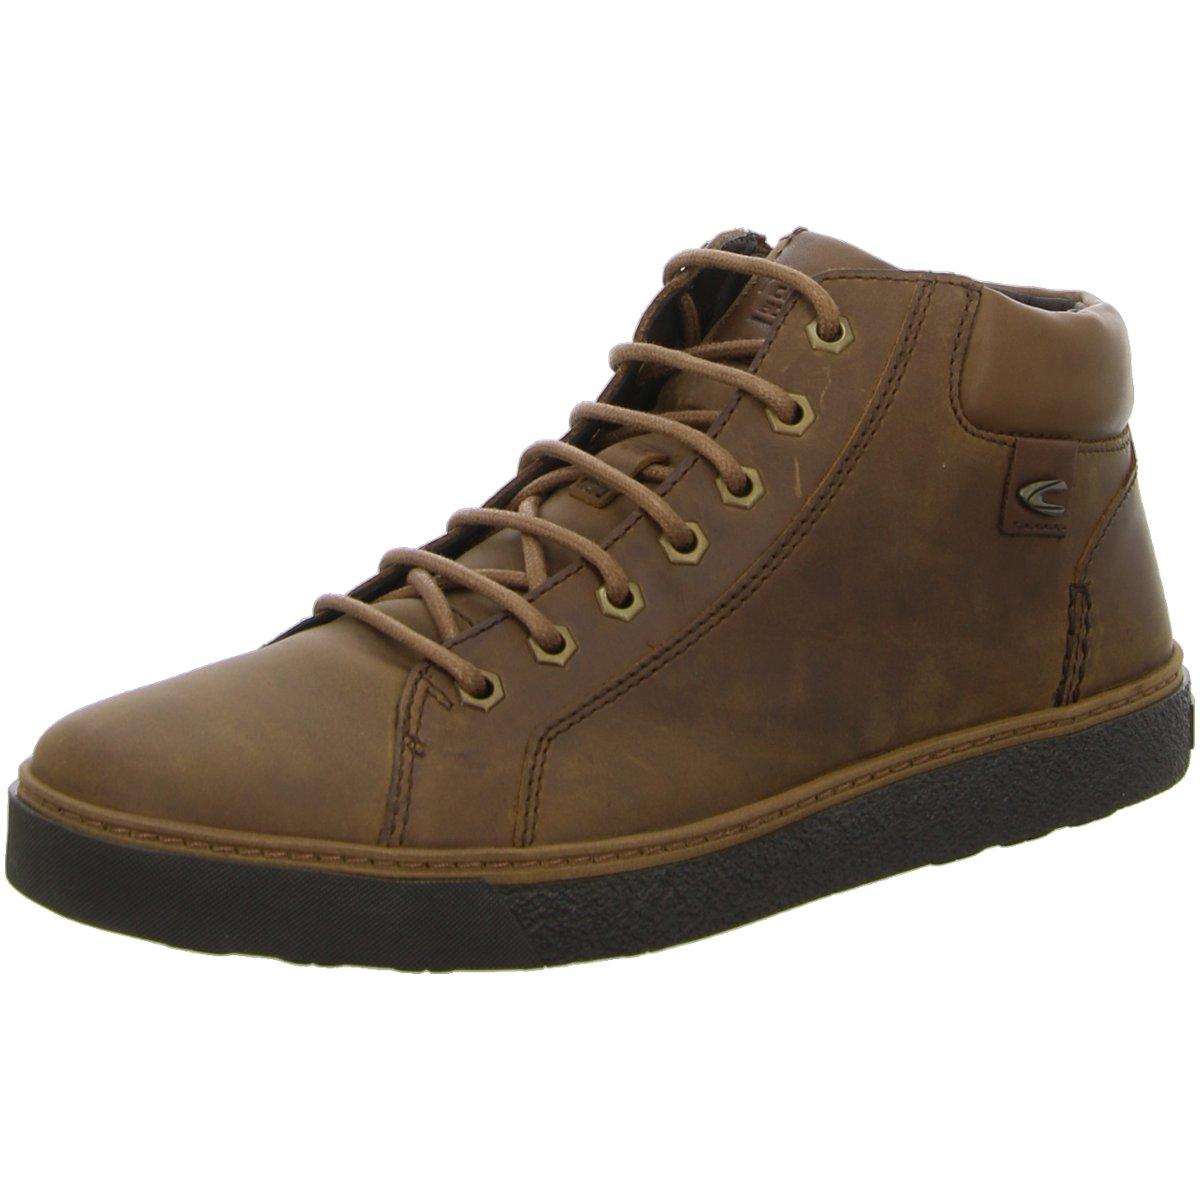 355685 Camel Active Cricket 500 Details Braun Sneaker 13 13 Zu 04 Herren N8nwvm0